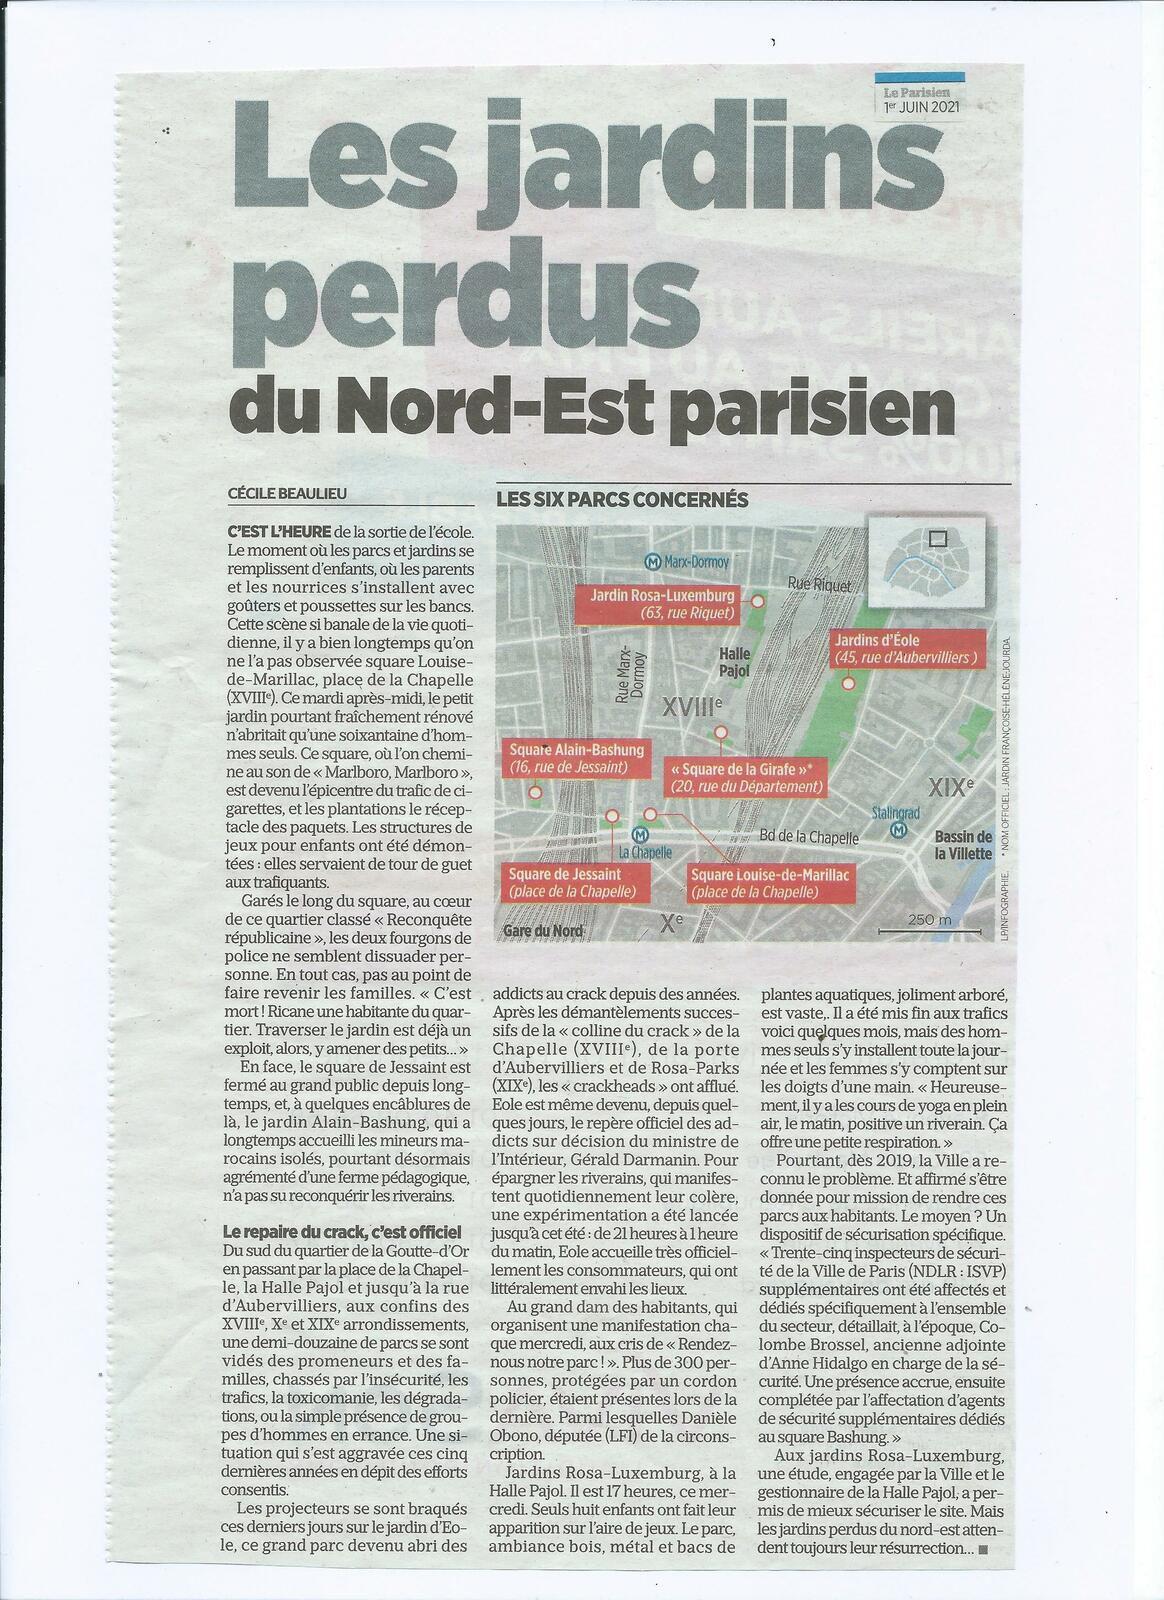 """Le Parisien : dossier-article """"Les jardins perdus du Nord-Est parisien"""" (1.06.2021) - version JPEG."""